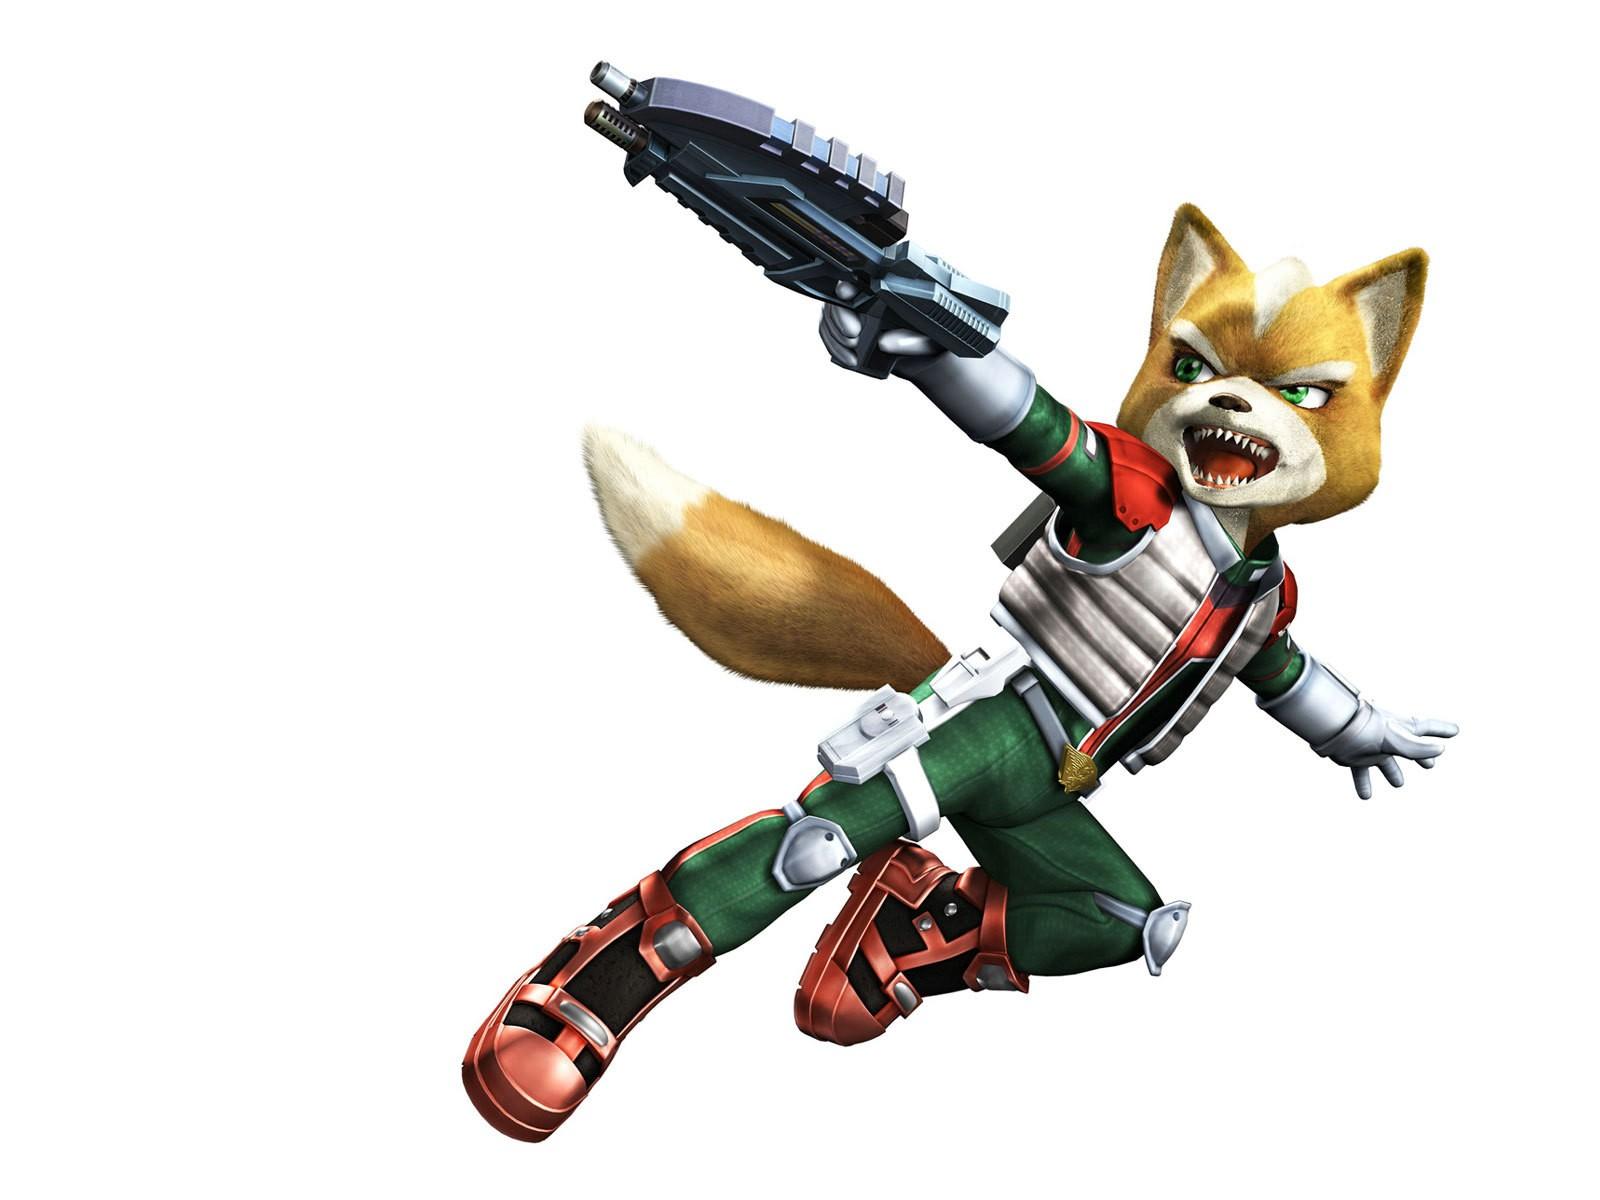 Star Fox Assault Wallpaper 26 By Nickanater1 On Deviantart Star Fox Fox Mccloud Fox Games